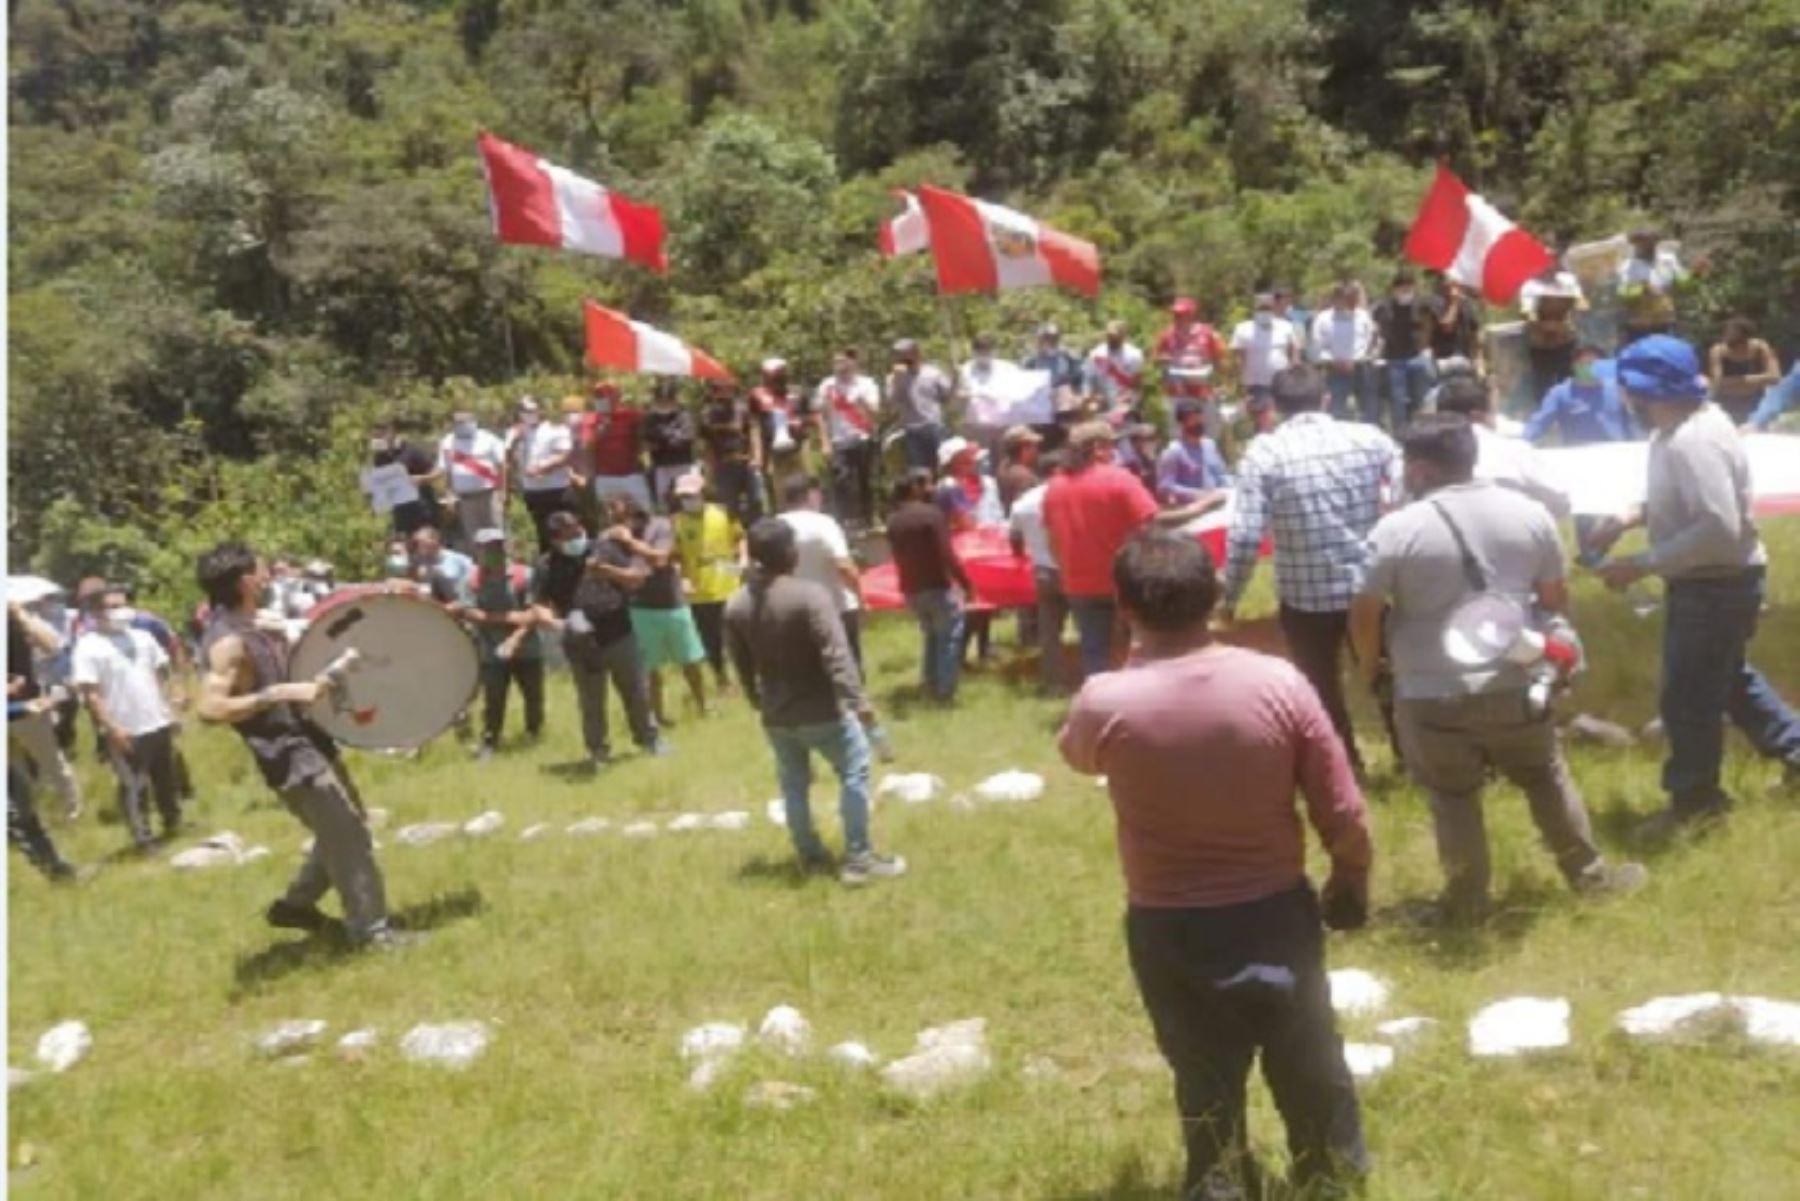 Las protestas contra las empresas privadas comenzaron hoy con la participación de centenares de pobladores que marcharon por la ciudad de Machu Picchu, Ollantaytambo y tramos de la vía férrea.